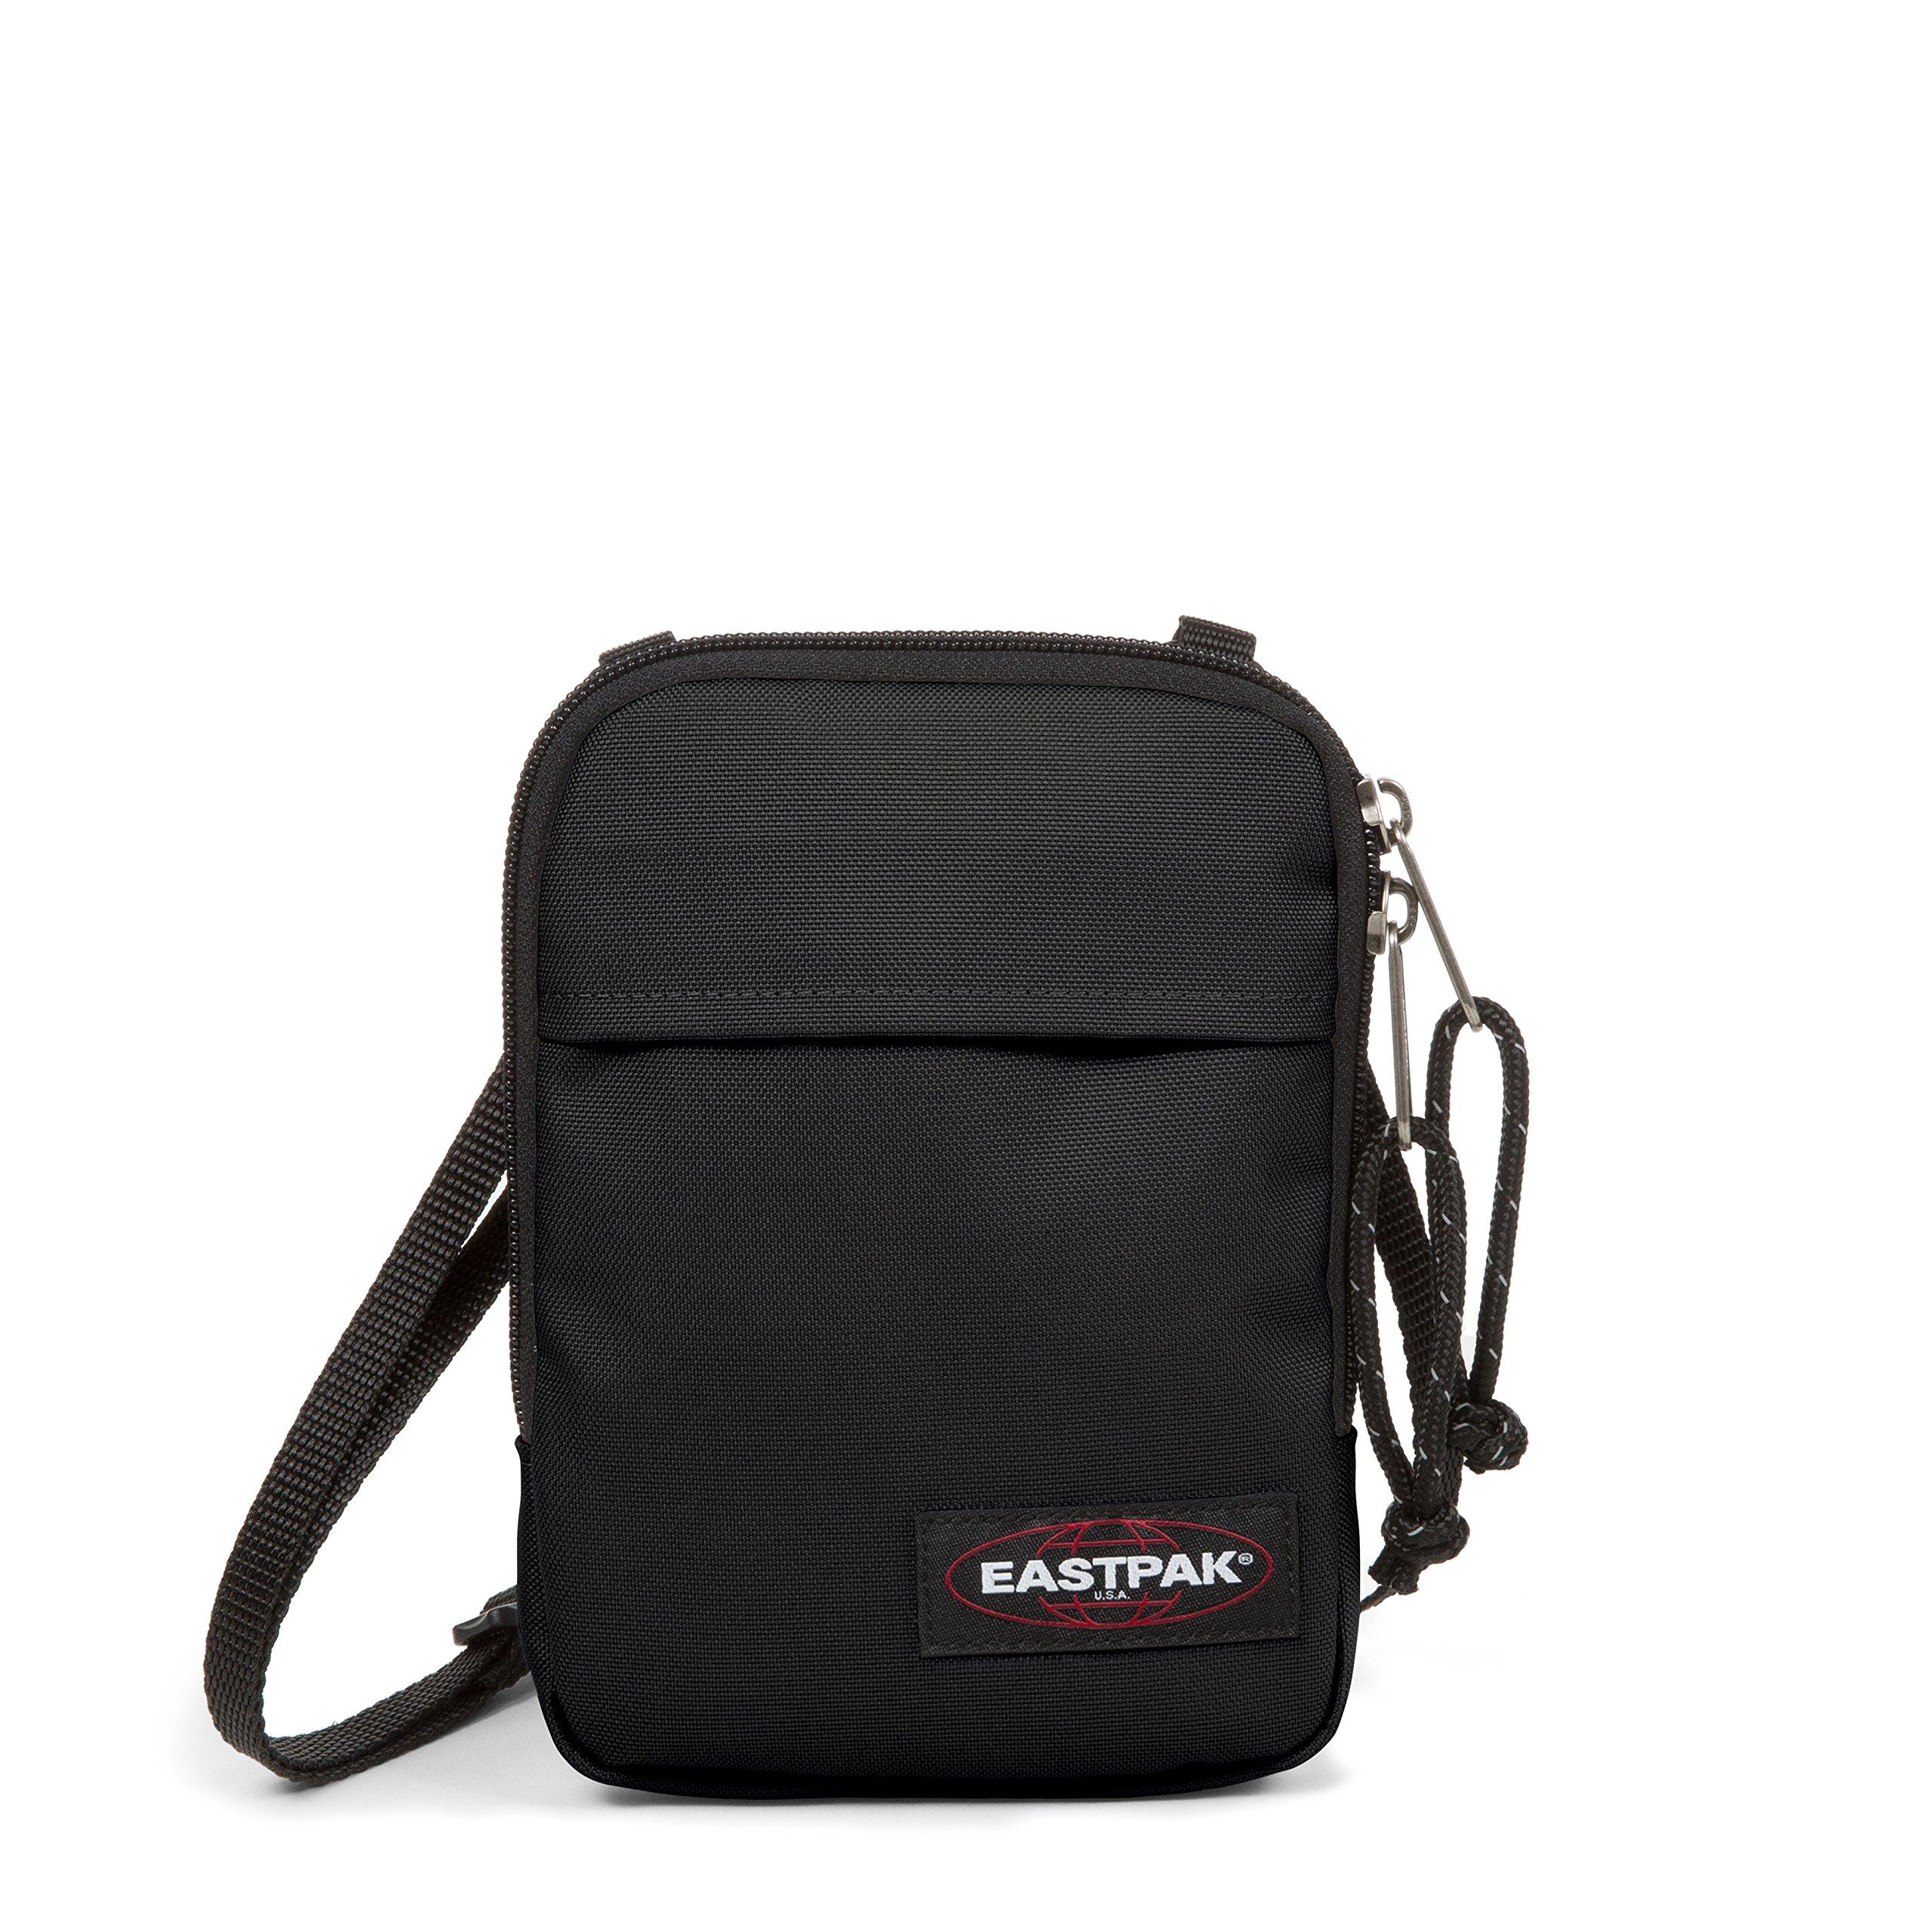 Eastpak Buddy Bolso bandolera, 18 cm, Negro (Black) product image